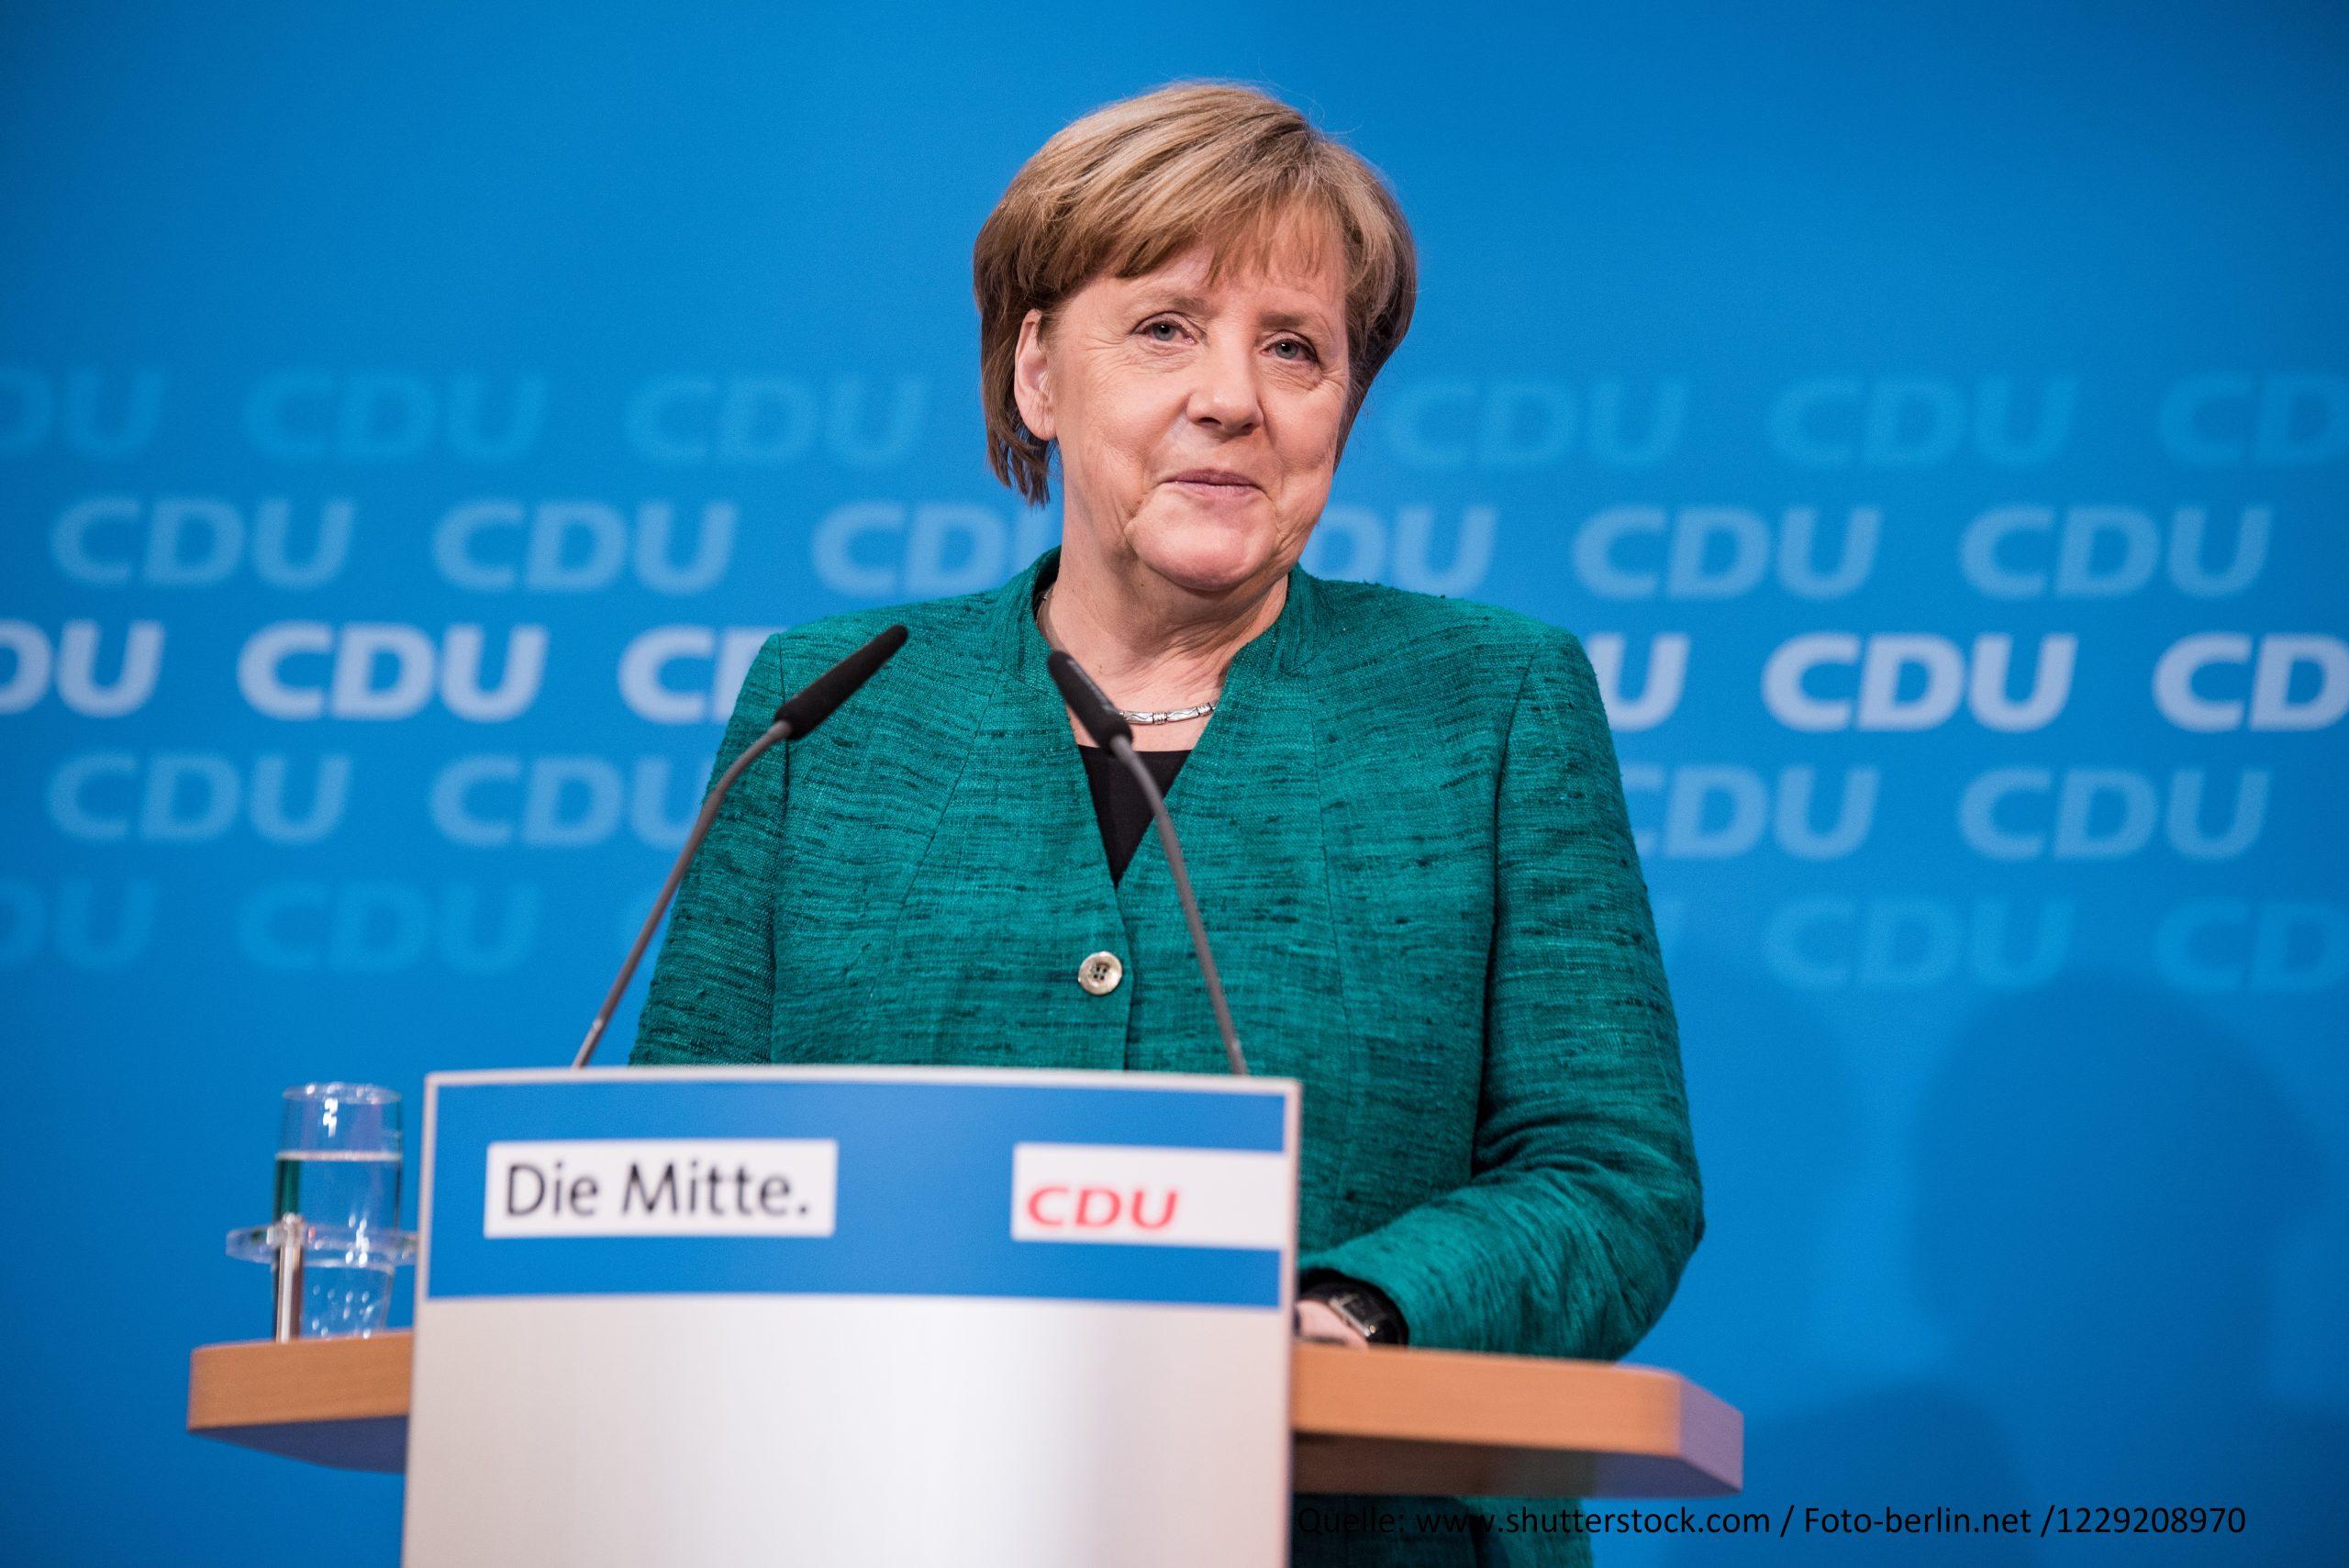 Wie Lange Hält Merkel Sich Noch Im Amt?